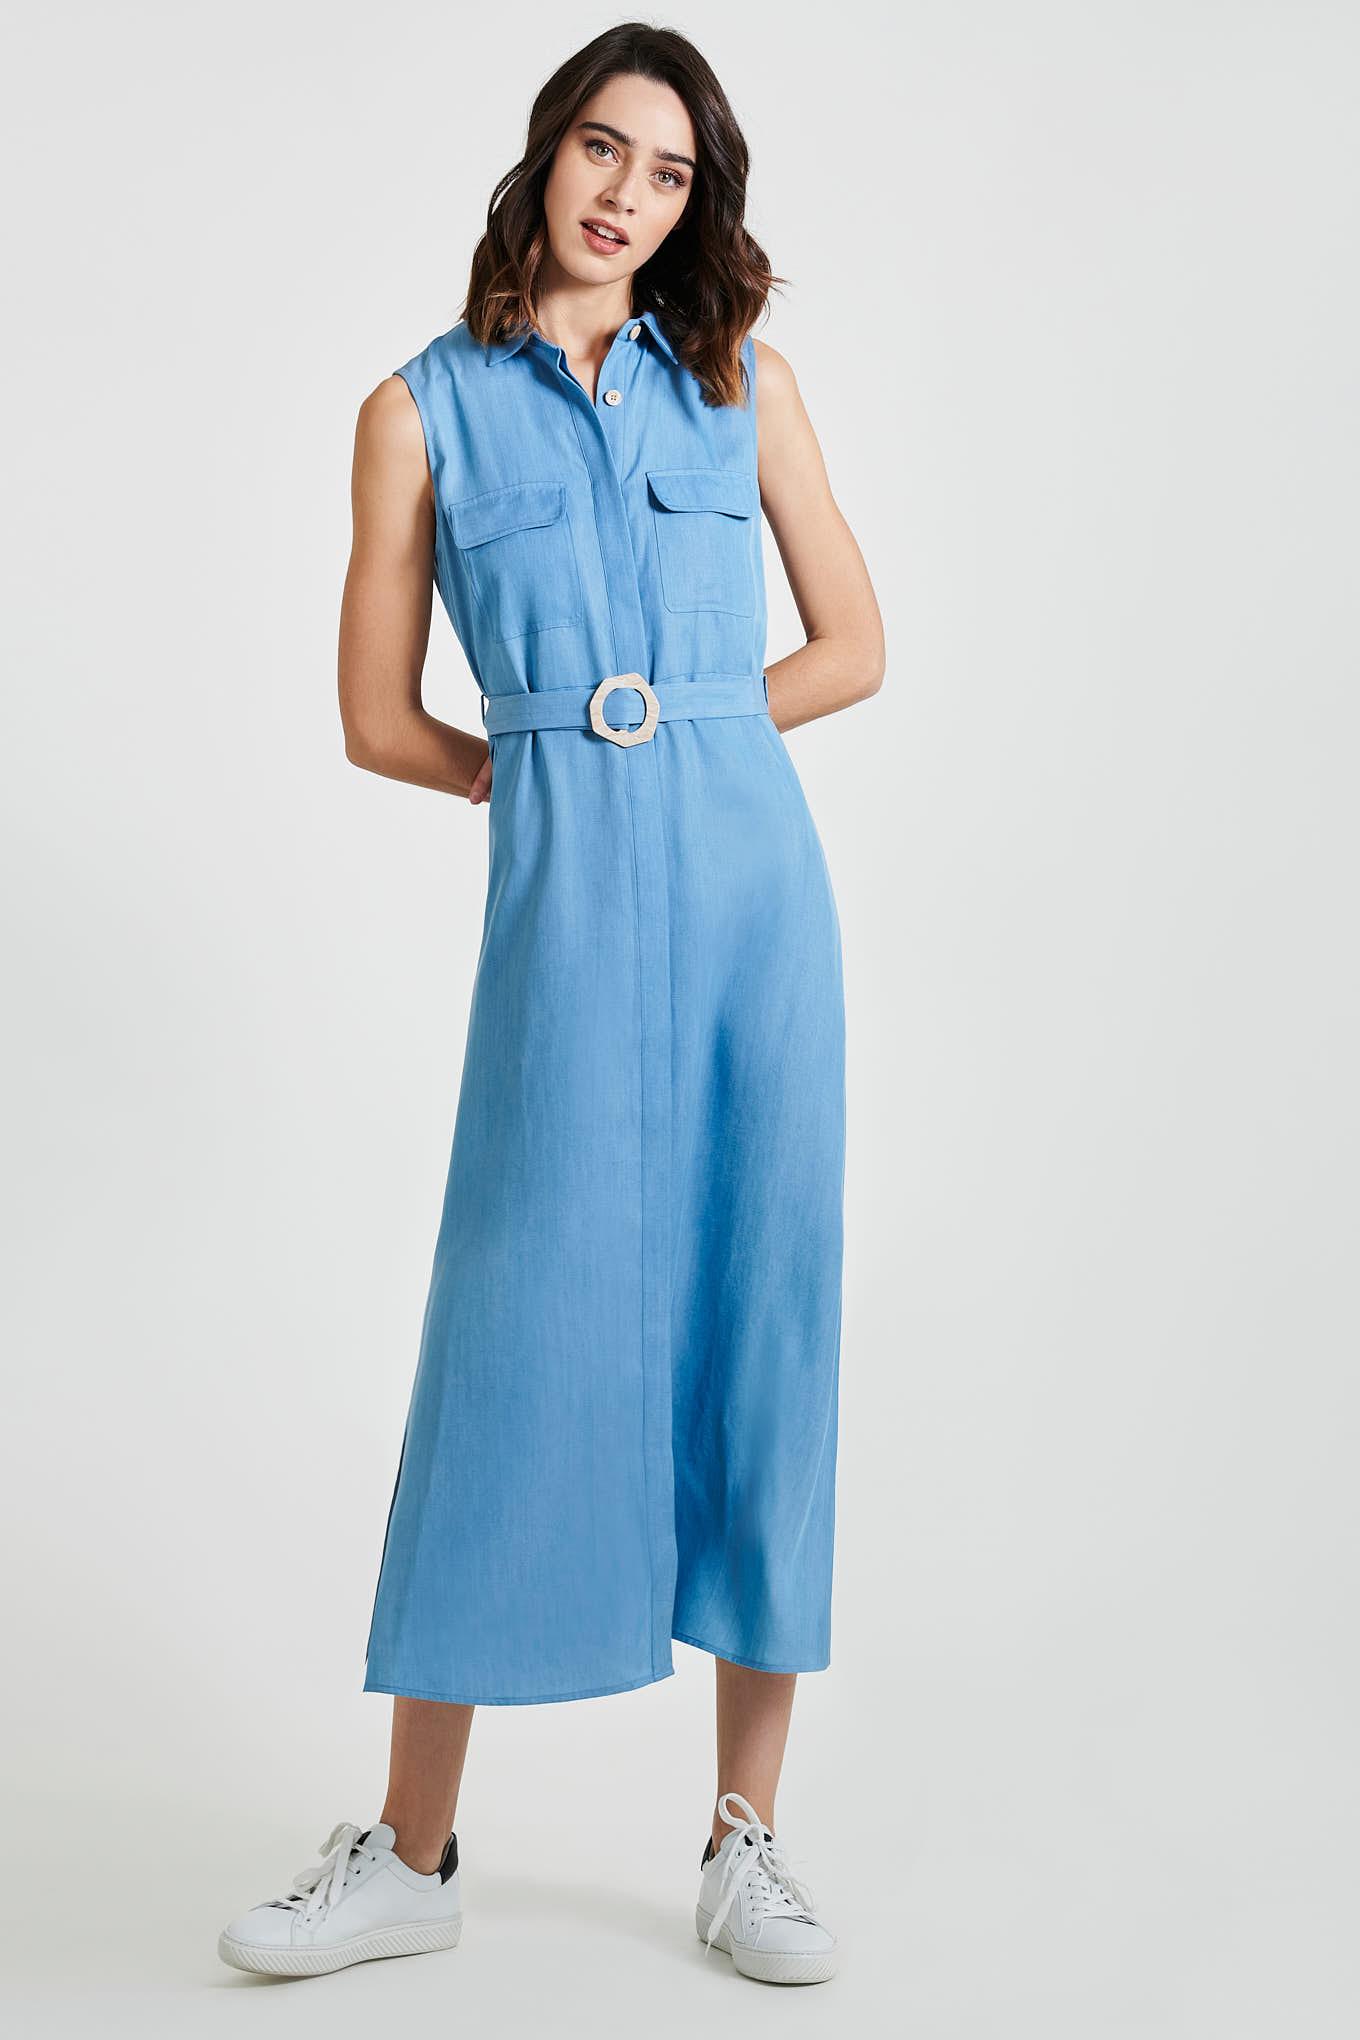 Vestido Azul Claro Fantasy Mulher